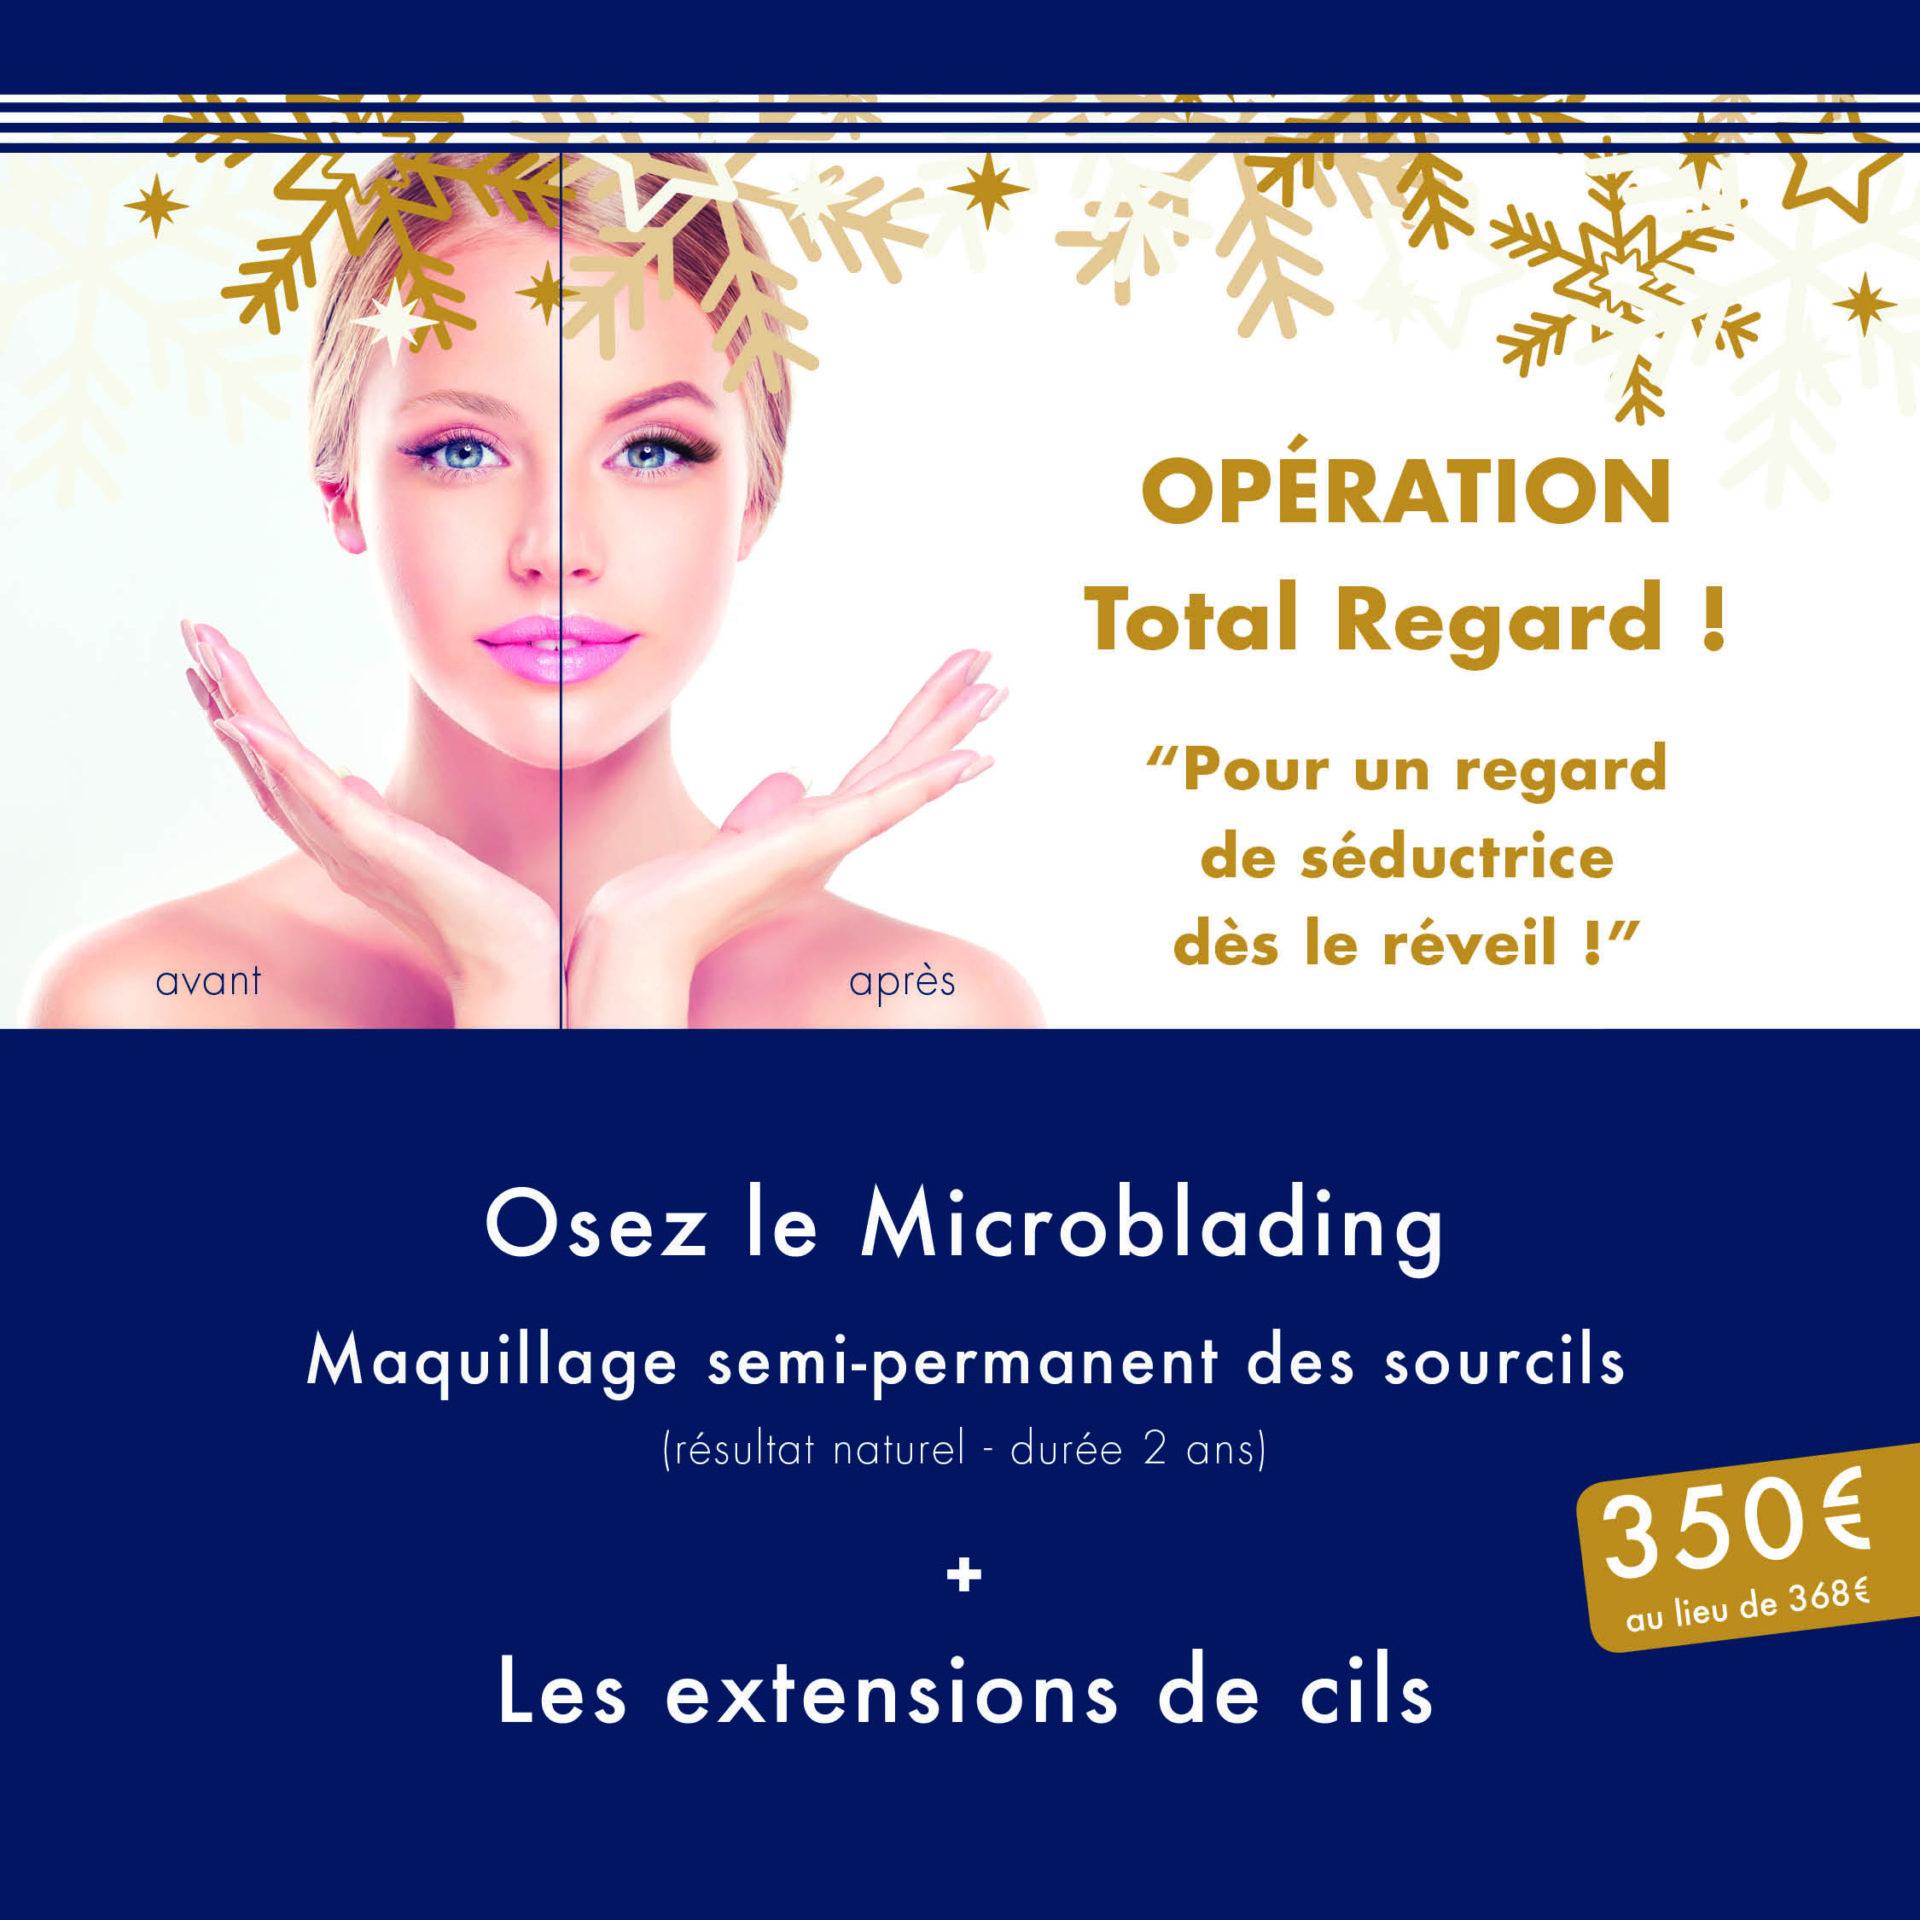 02-1080x1080-Novembre-baignoire-beauty-bar